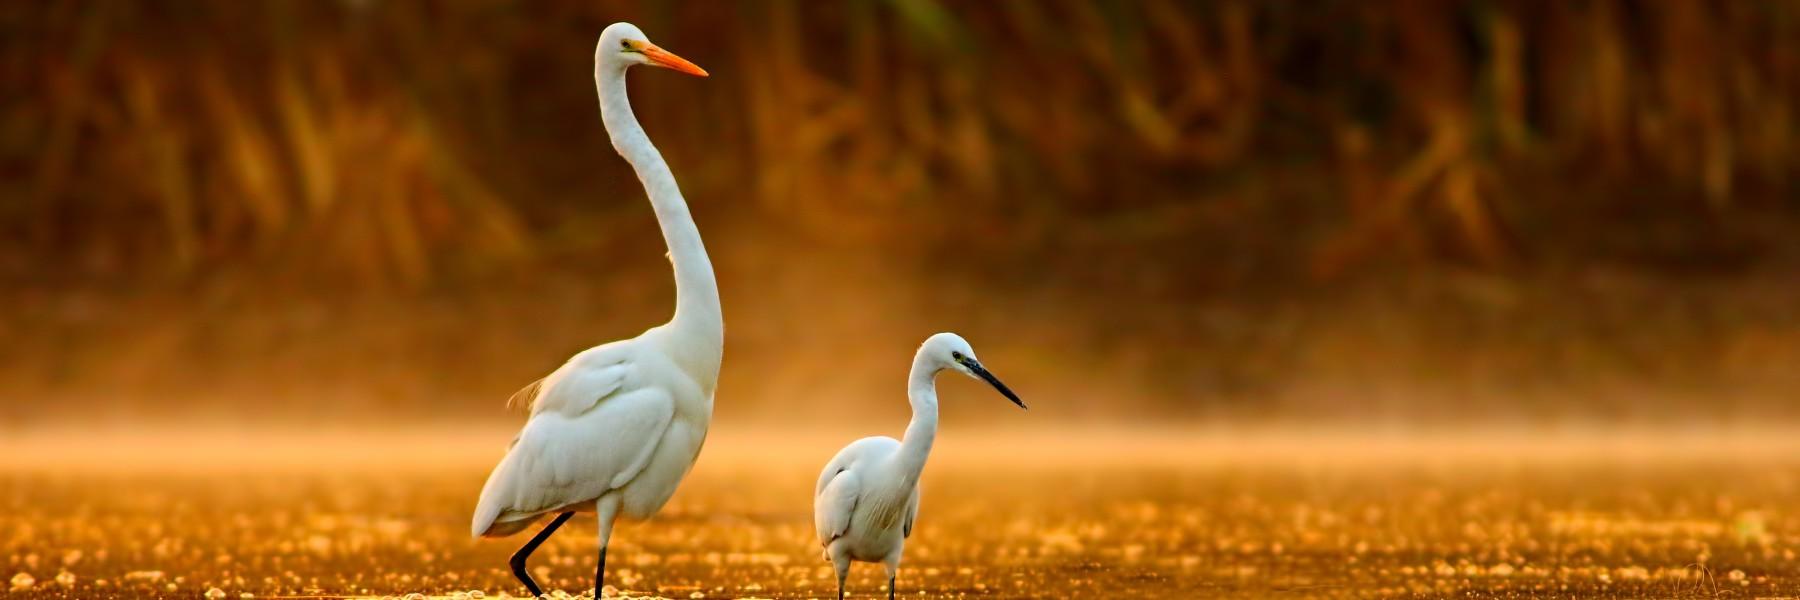 Birds in golden misty morning